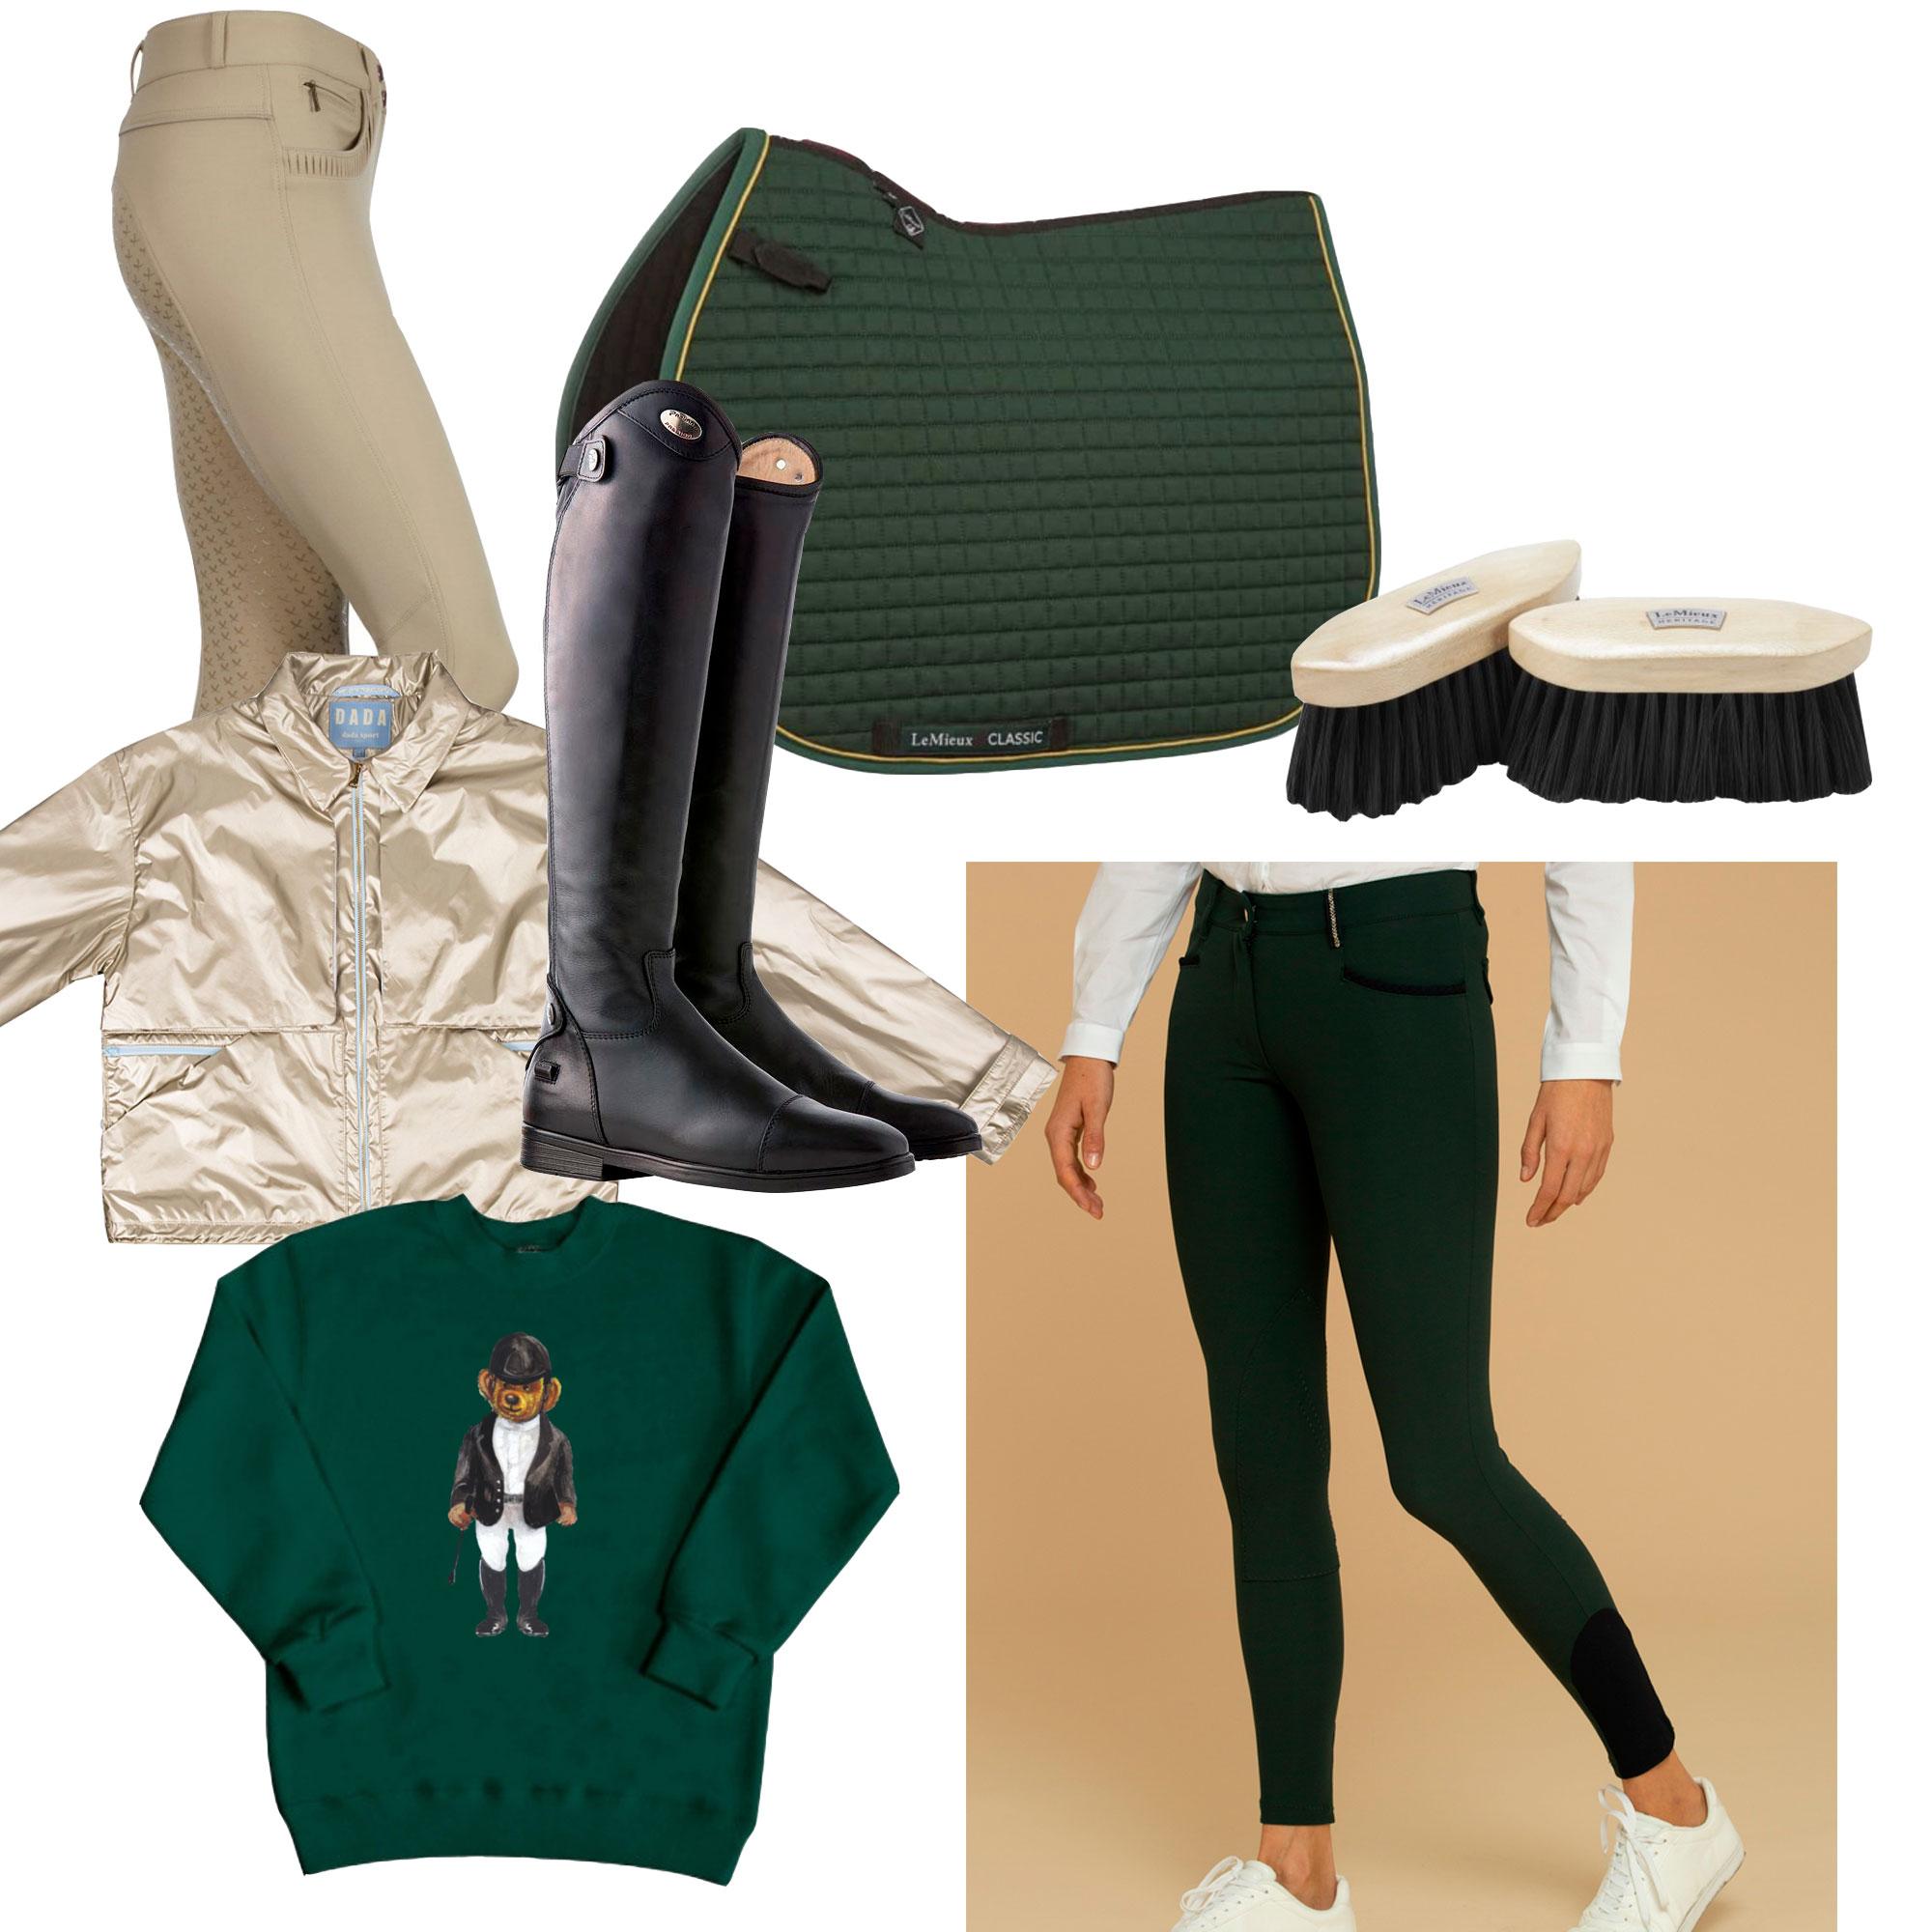 Beige ridebukse, sjabrak og børster fra LeMieux / jakke og grønn ridebukse fra Dada Sport / ridestøvler fra Parlanti / genser fra Equibear